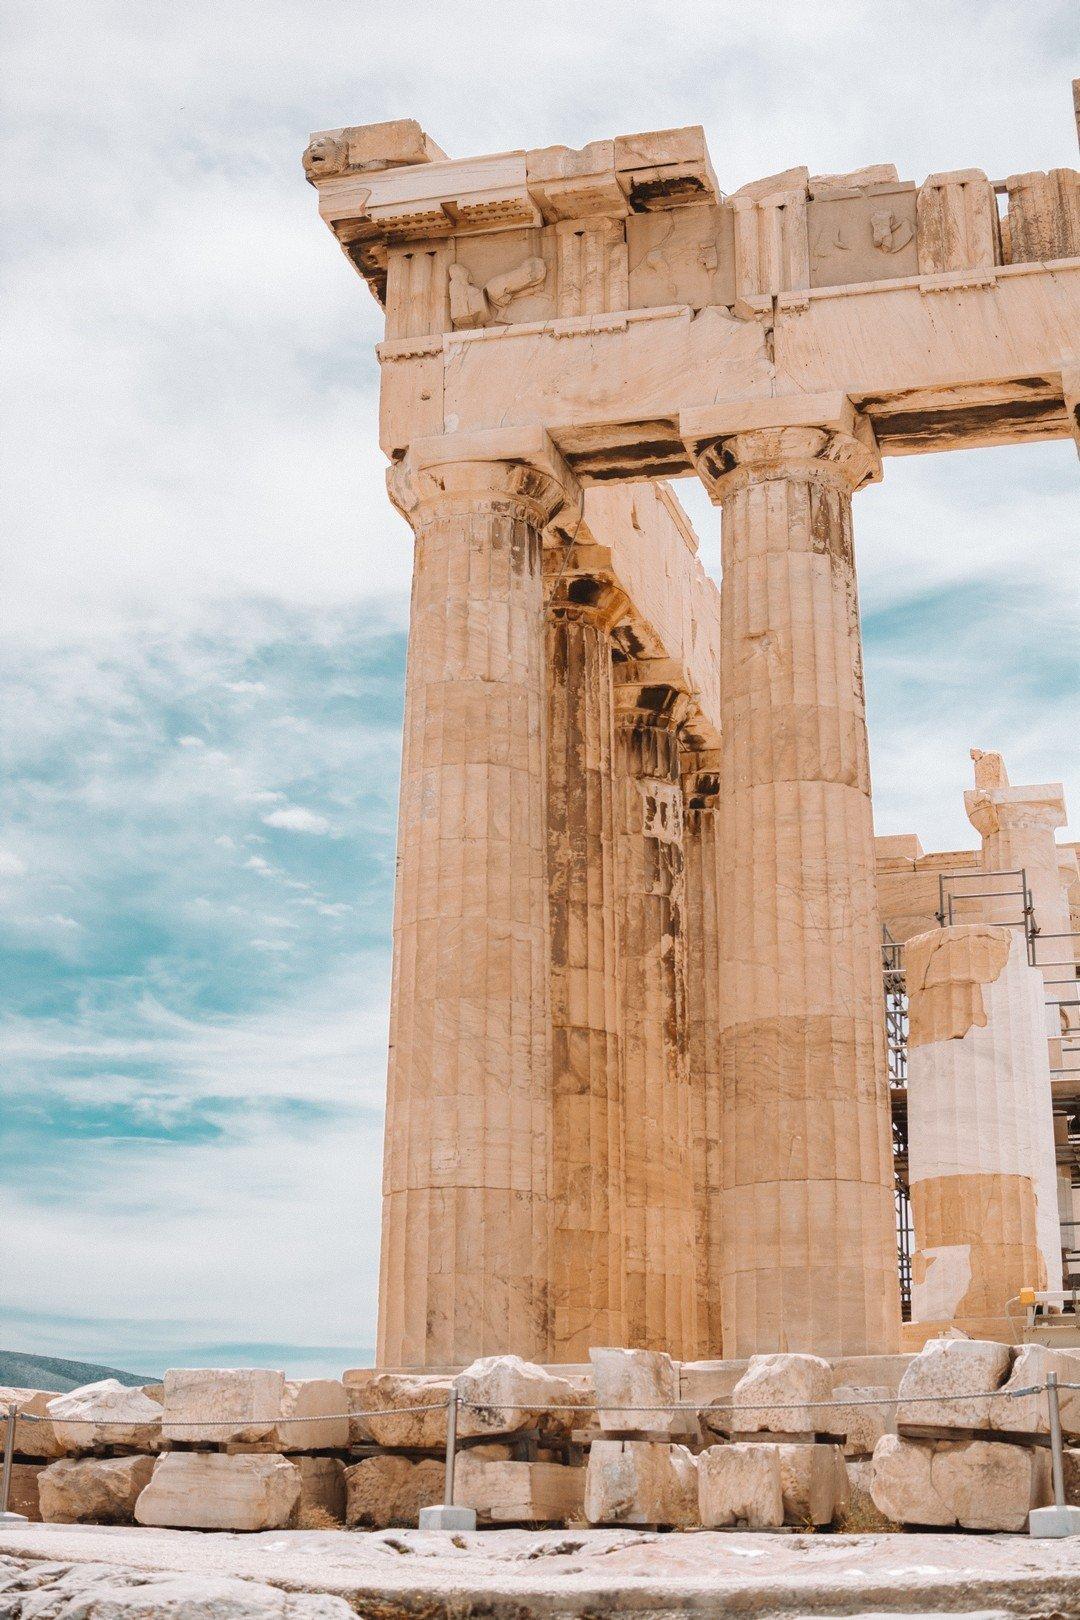 pAtenas, Athens, Partenon, Parthenon, Acropolisp